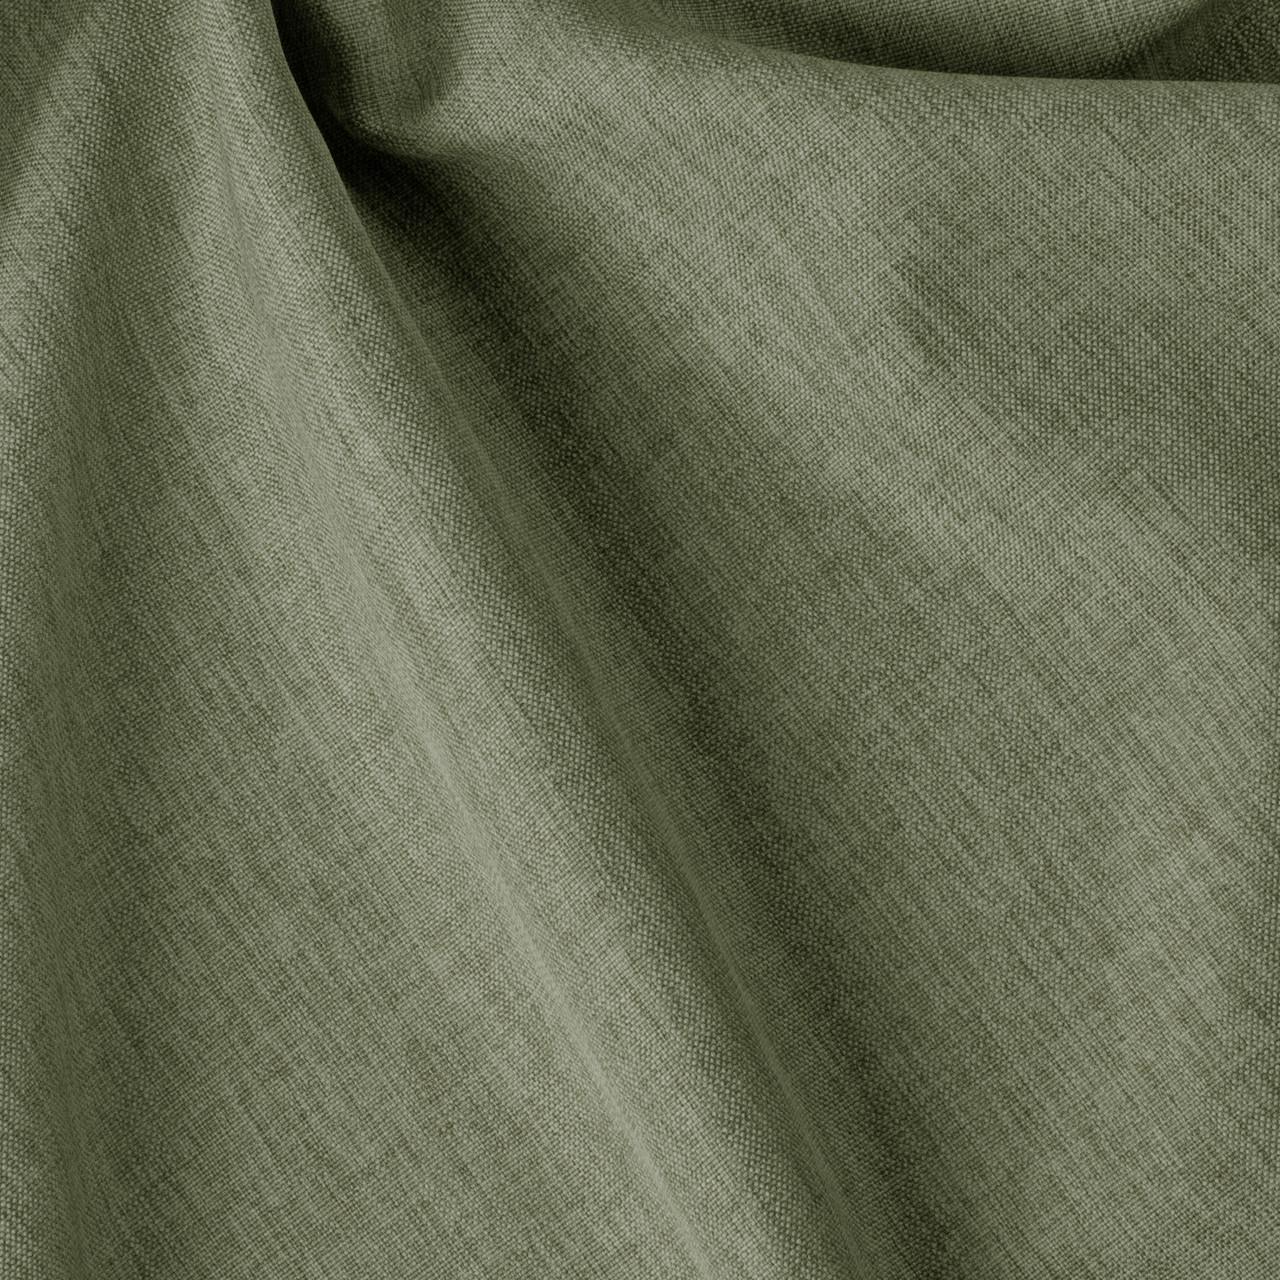 Декоративная однотонная ткань рогожка серая Турция 84474v29